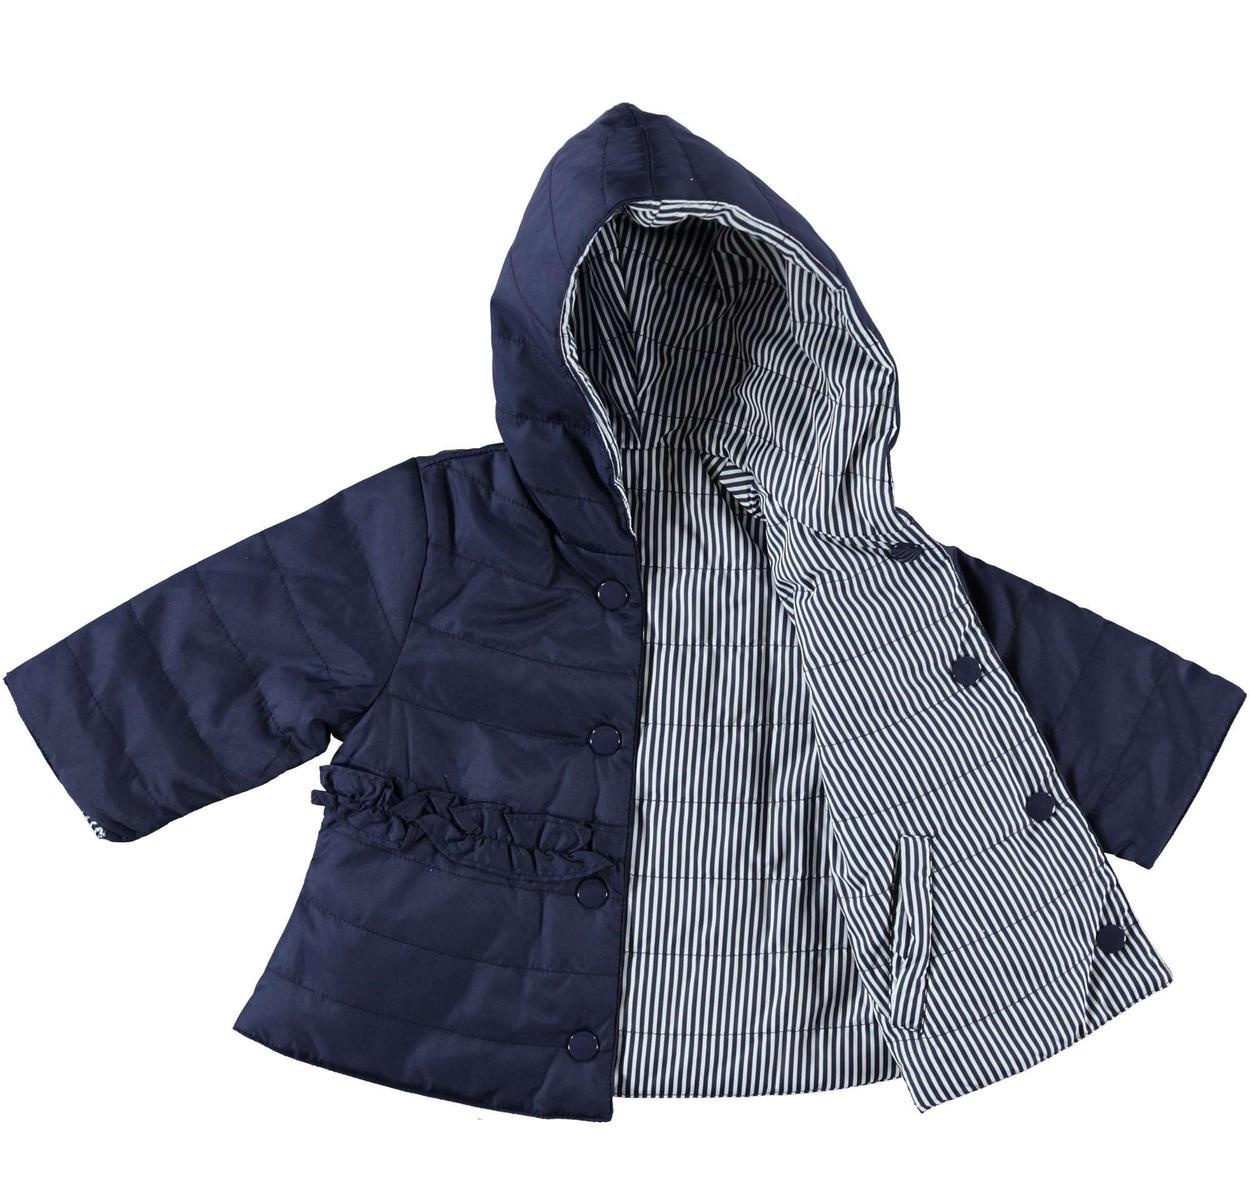 Giubbotto con cappuccio modello reversibile per neonata da 0 a 24 mesi  Minibanda NAVY-3854 0a36231065b